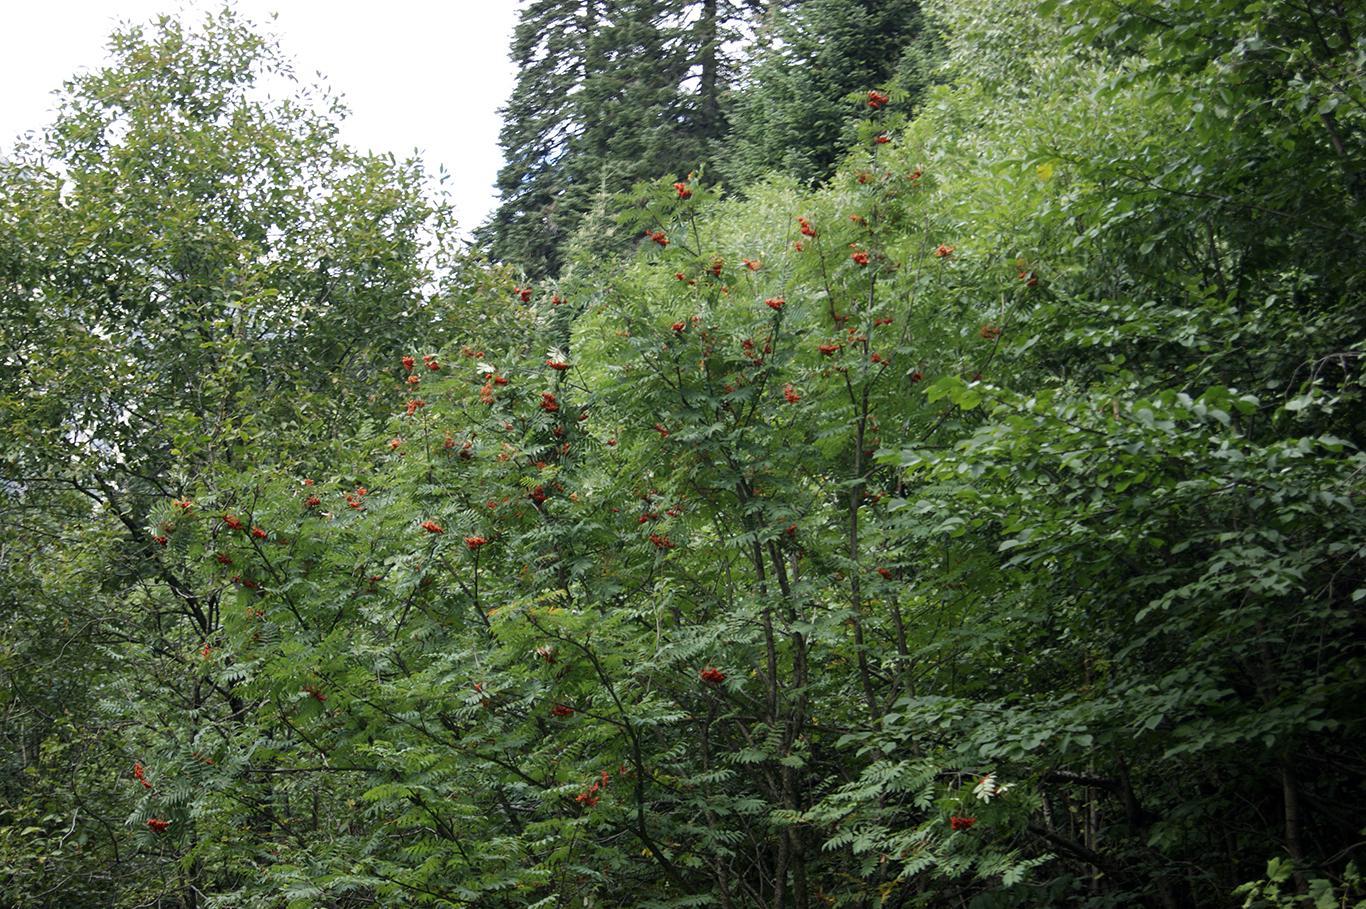 Огромное количество рябины. Пока горькой, но в походах я регулярно грызла горькие ягодки, запивая их хрустальной водой из чистейших горных рек.